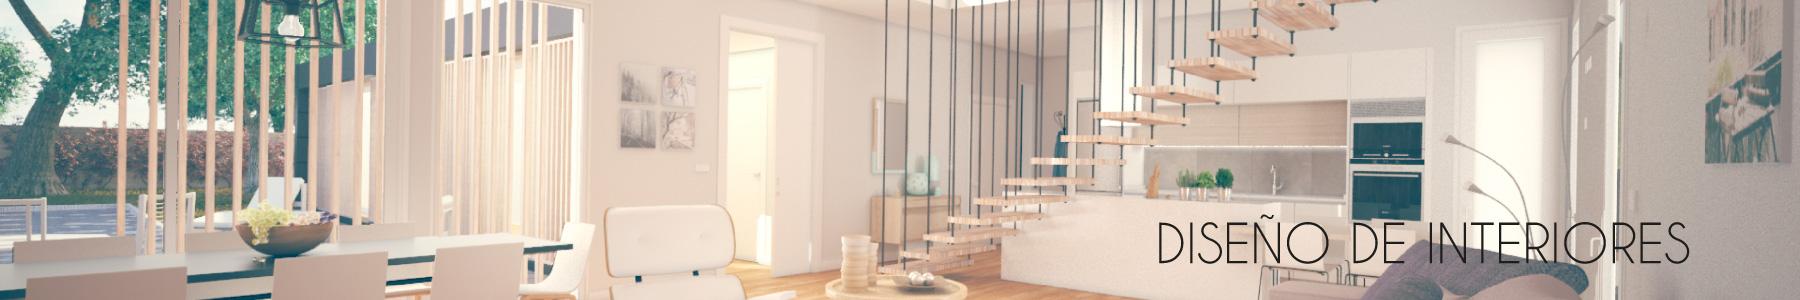 Diseño de interiores - Arquitectos Madrid